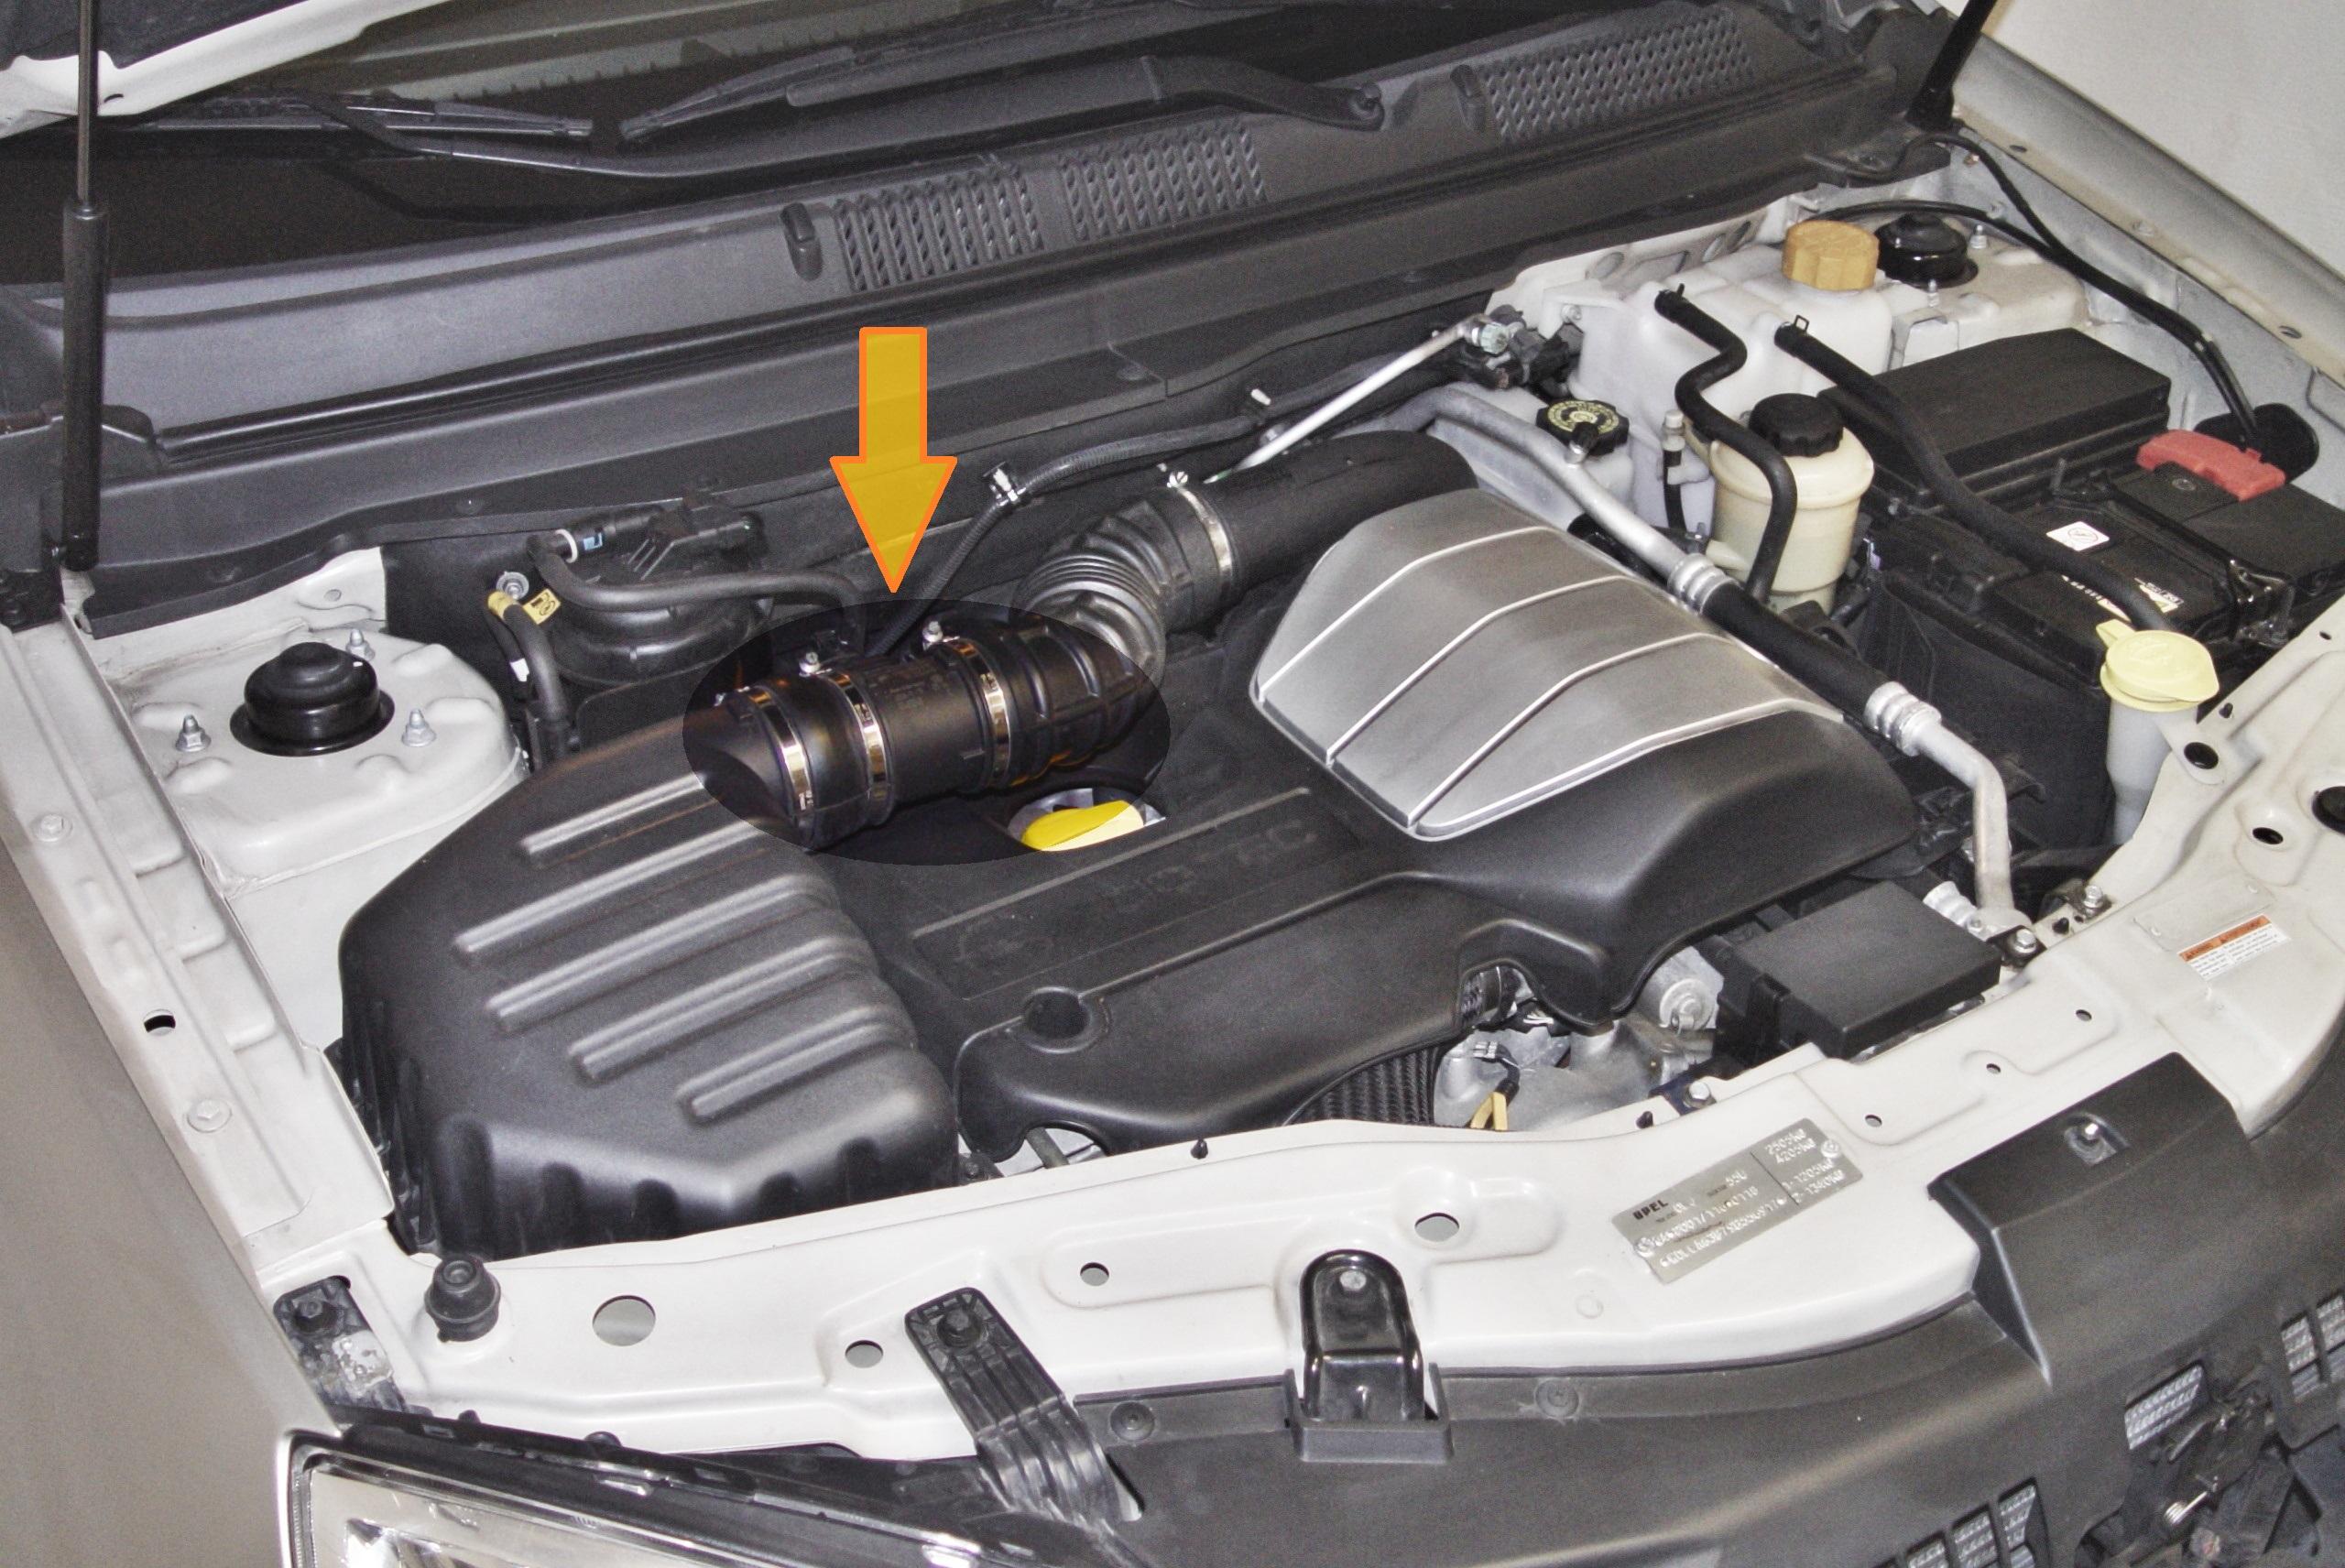 Carsandmotors | What is an Airflow meter